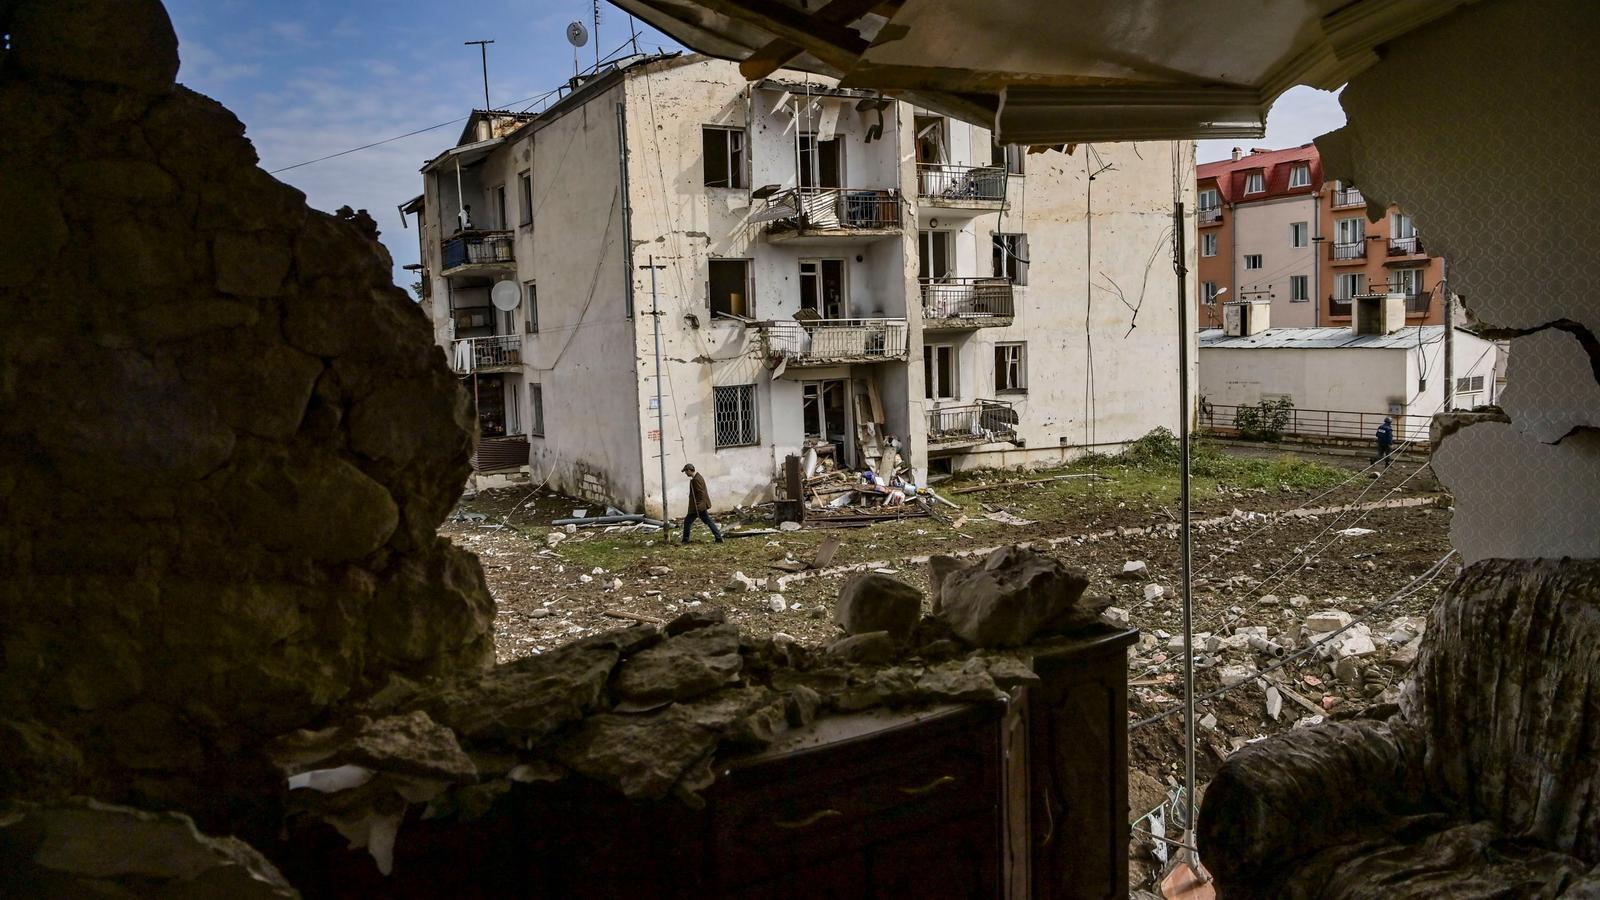 Un home camina davant d'una casa destruïda a Stepanakert, la principal ciutat de la regió de Nagorno-Karabakh